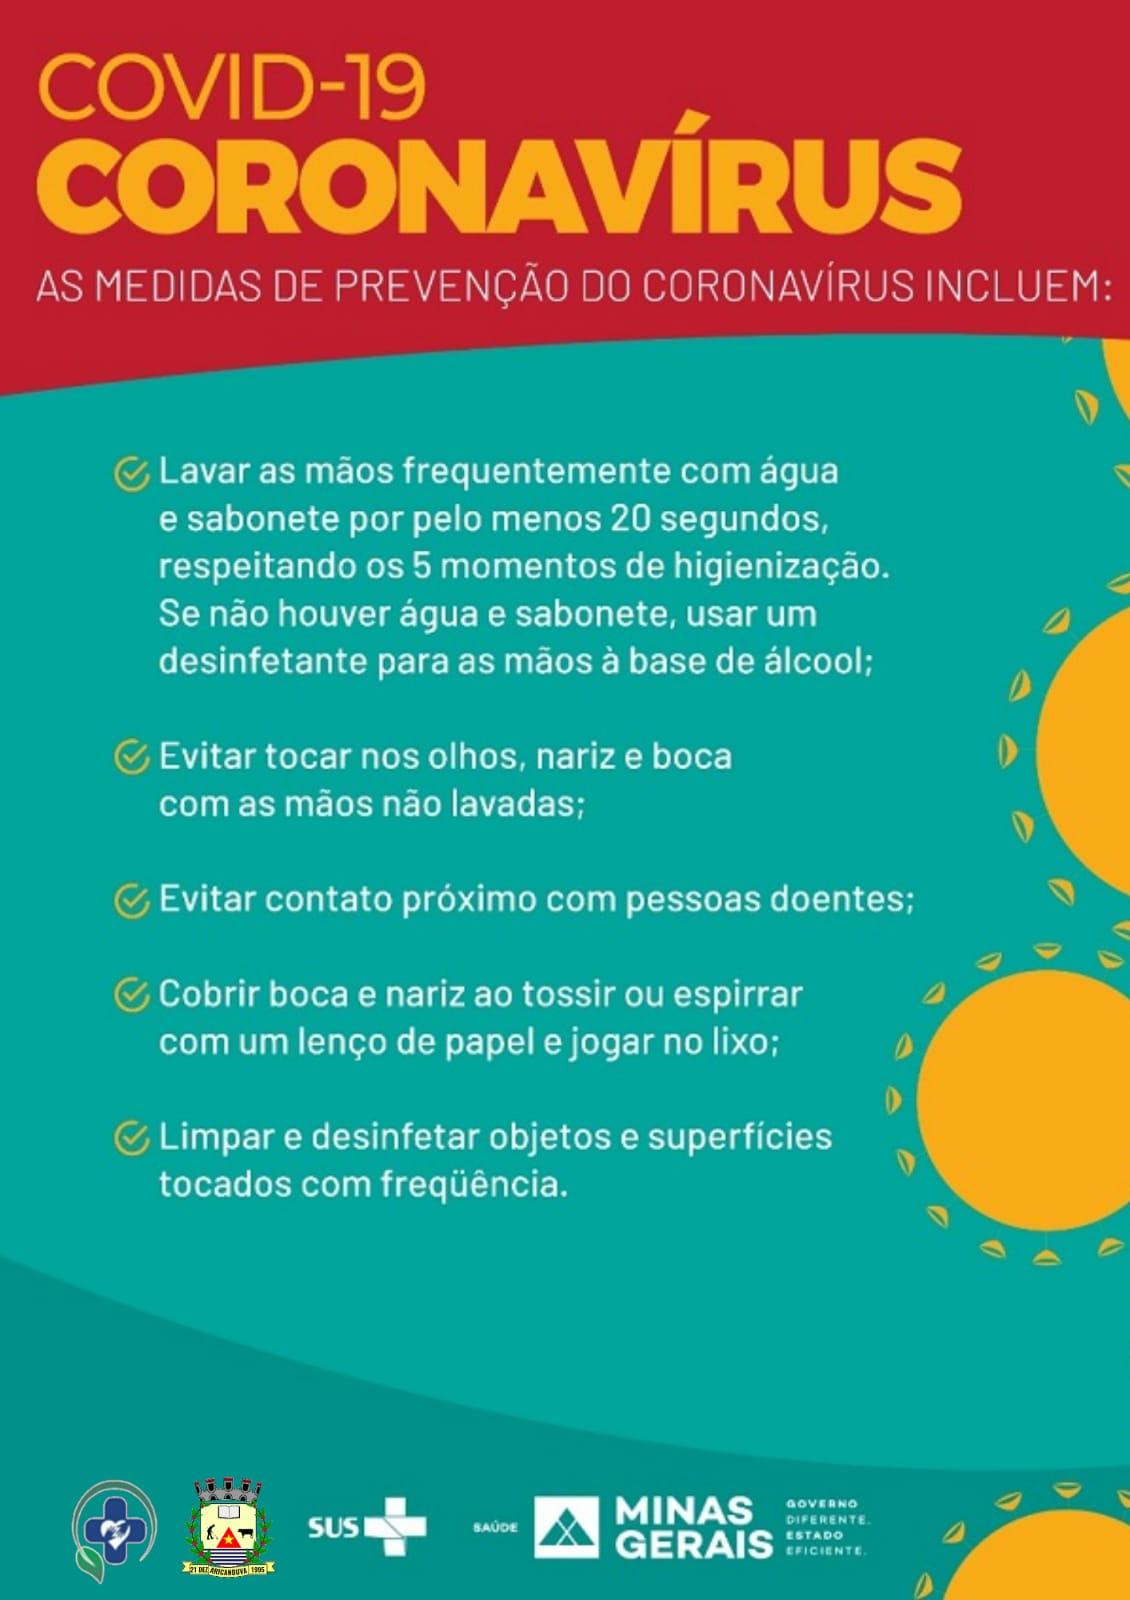 AS MEDIDAS DE PREVENÇÃO AO CORONAVÍRUS PERMANECEM